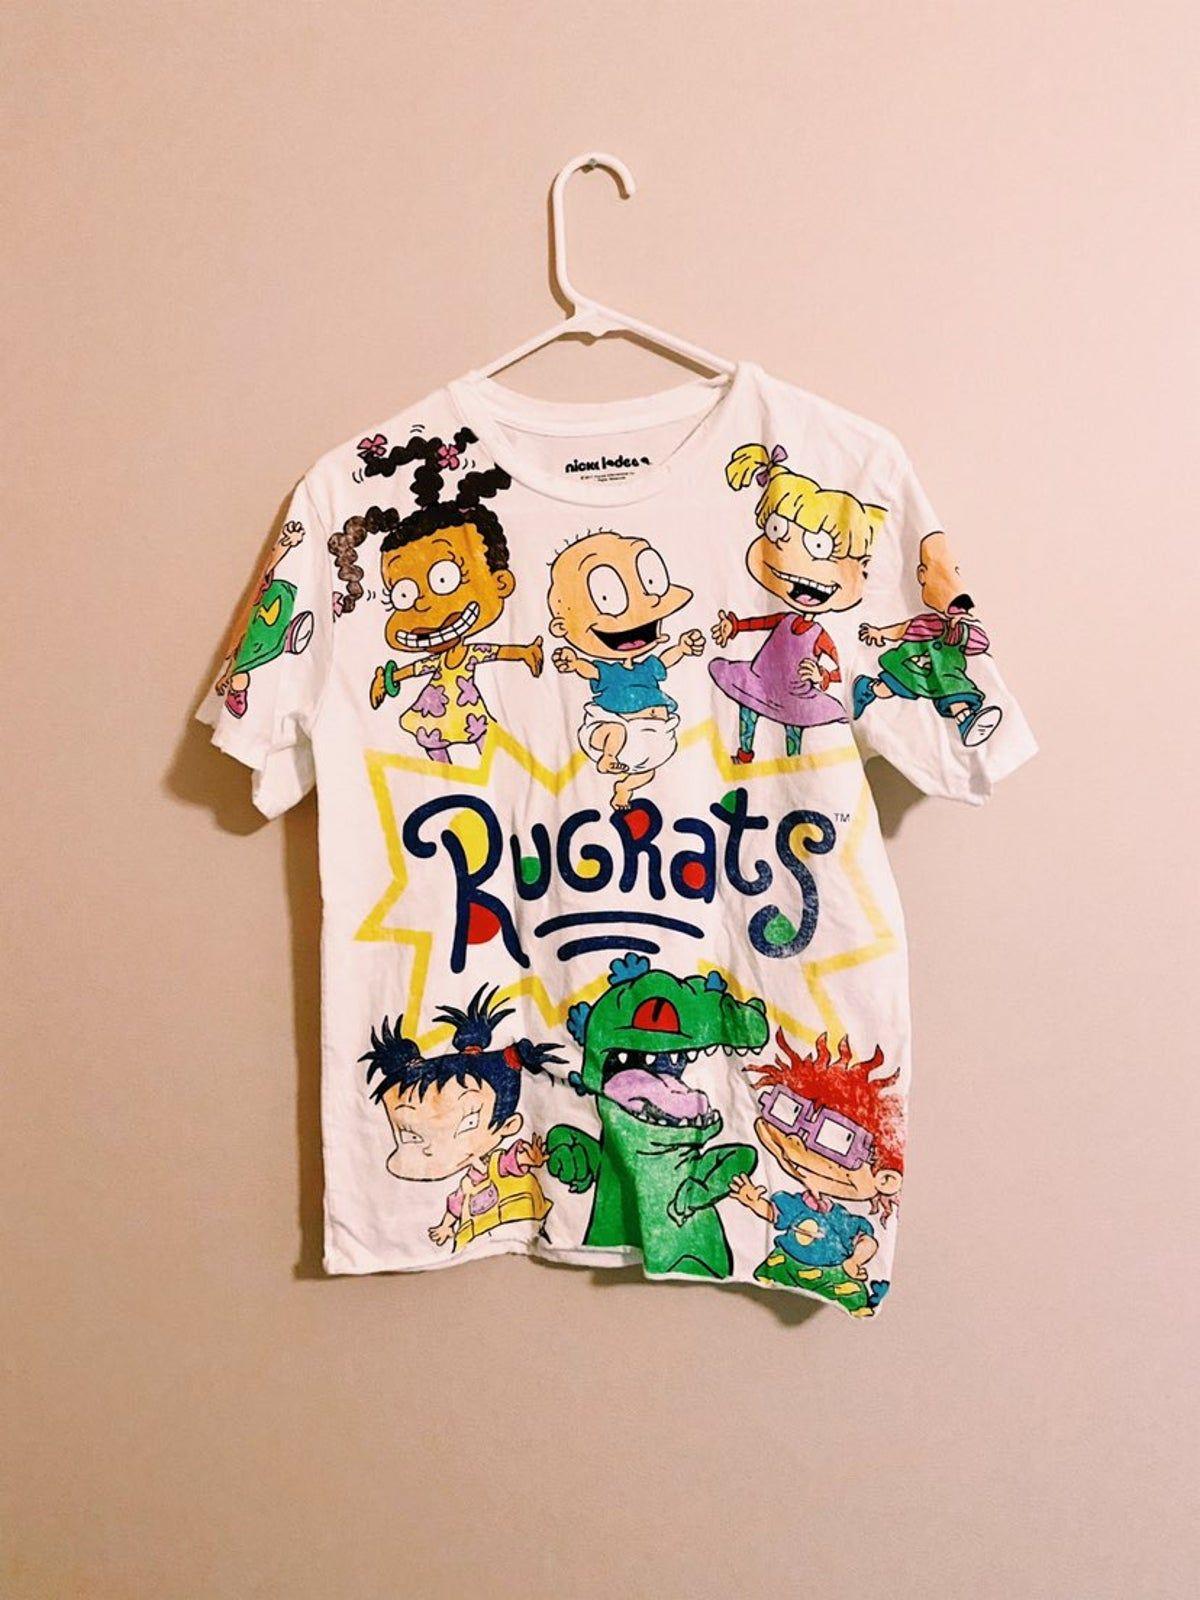 Nickelodeon Rugrats Graphic T-shirt on Mercari